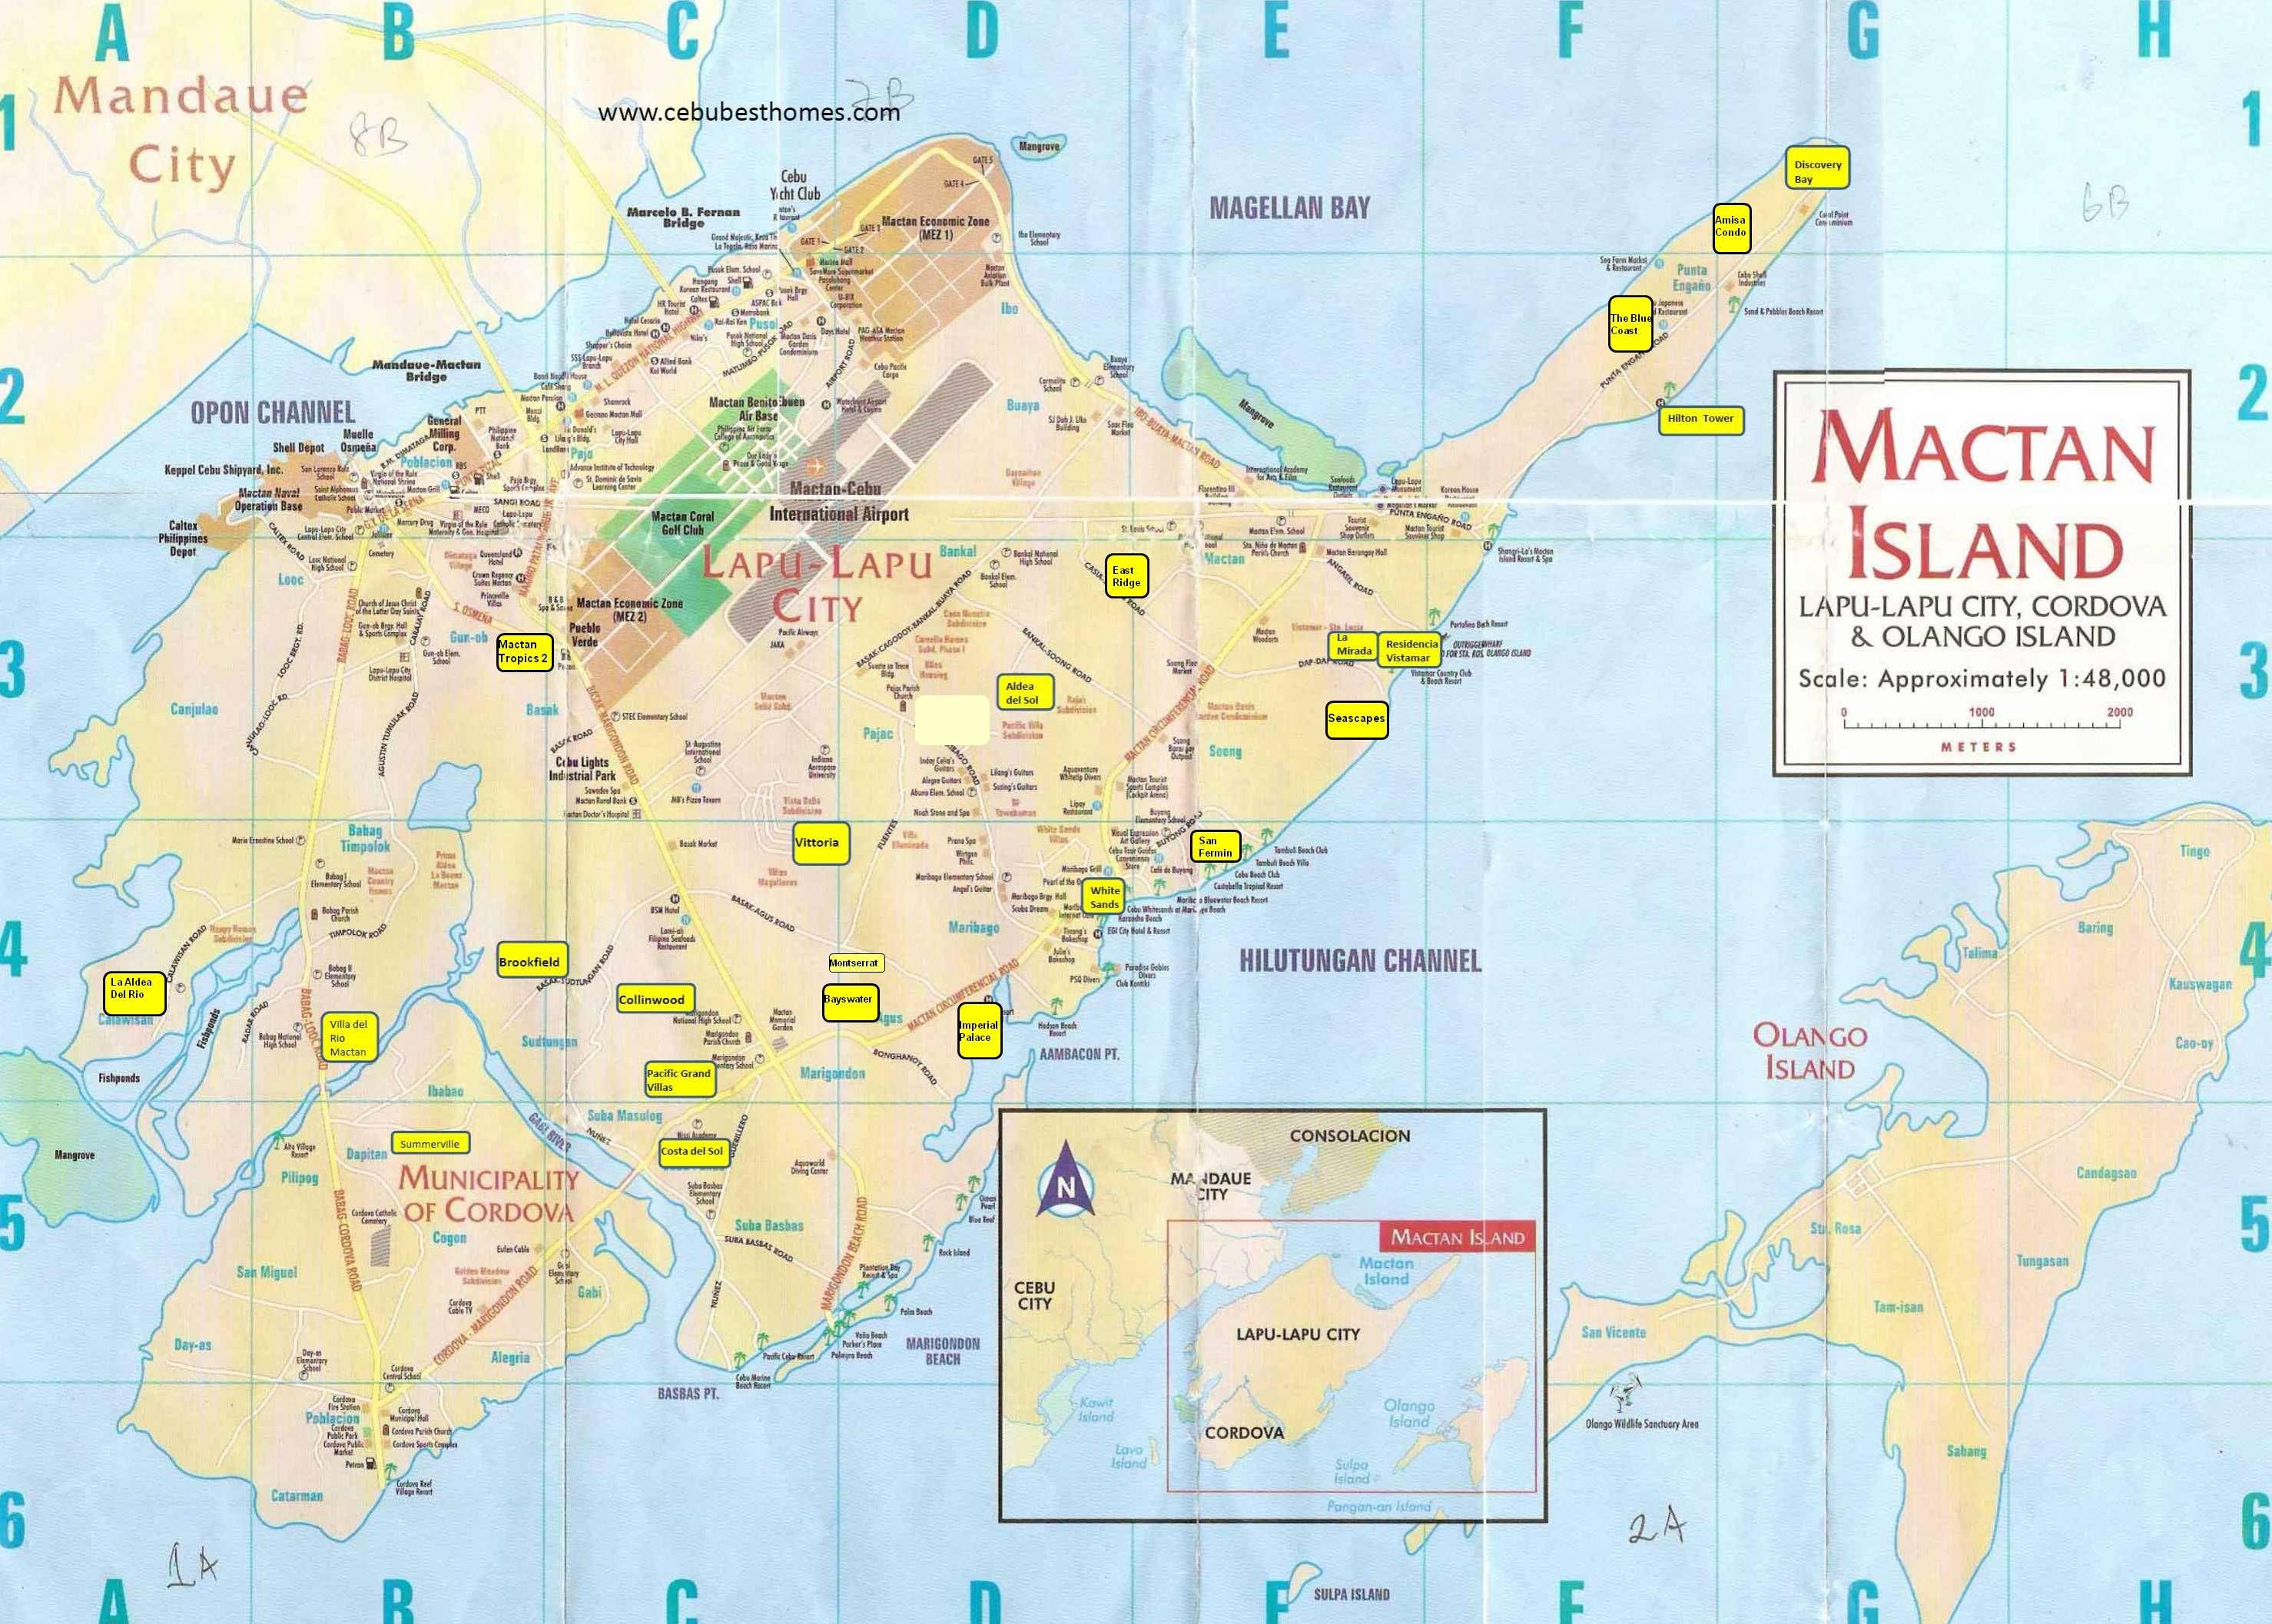 Printed Map Of Mactan Island Mactan Island Mactan Lapu Lapu City